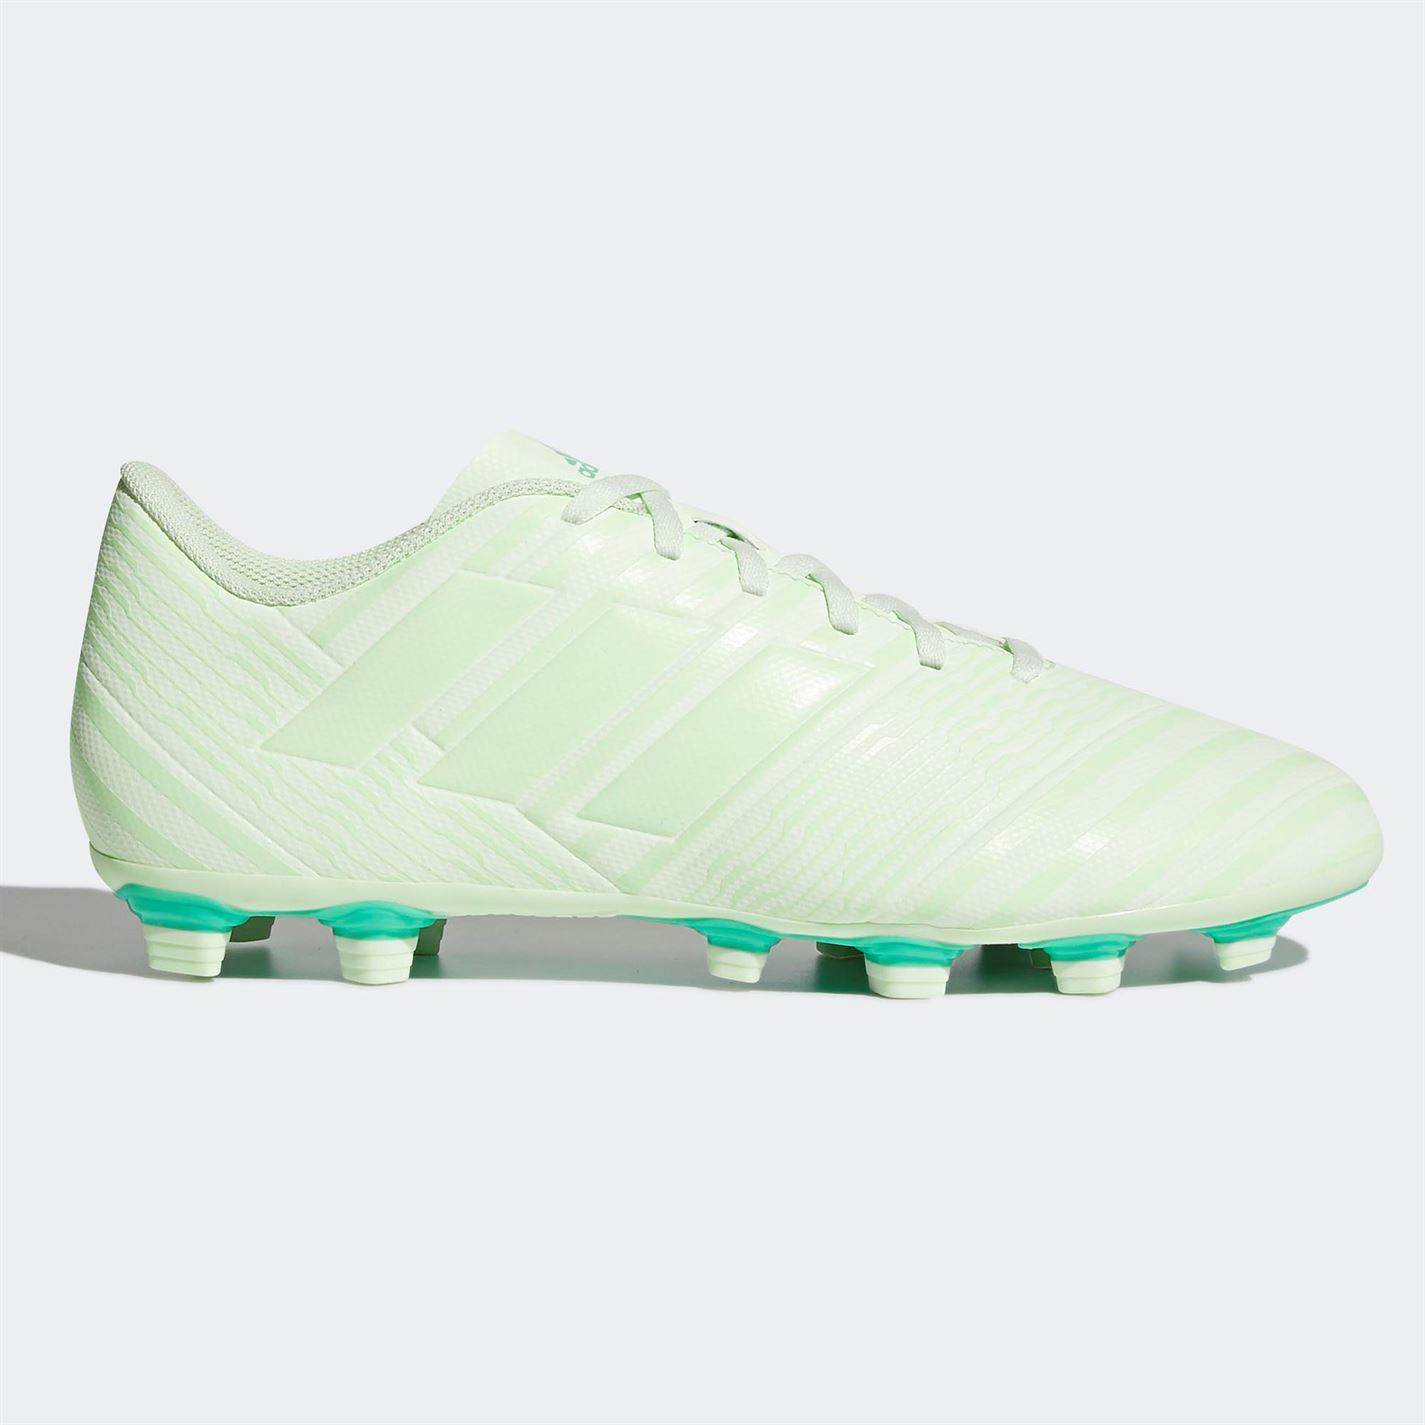 d87278b8d adidas Nemeziz 17.4 FG Firm Ground Football Boots Mens Green Soccer Shoes  Cleats